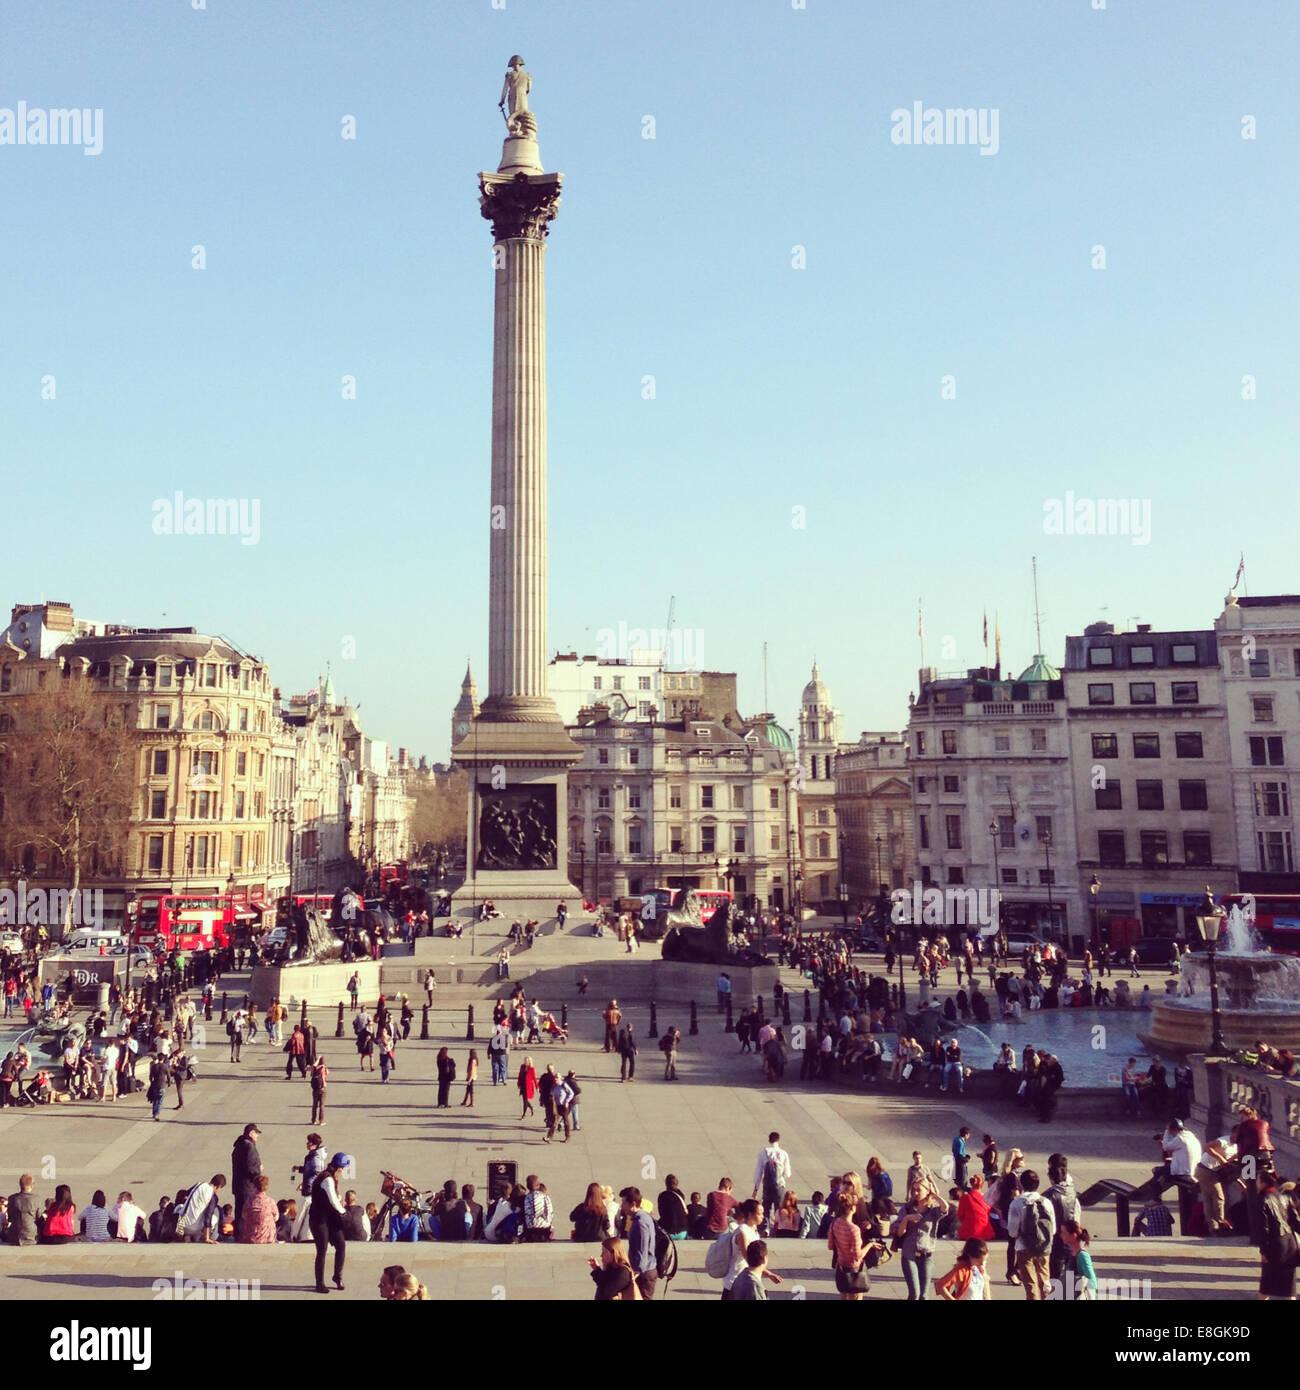 Vereinigtes Königreich, London, Spalte auf dem Trafalgar Square Stockbild